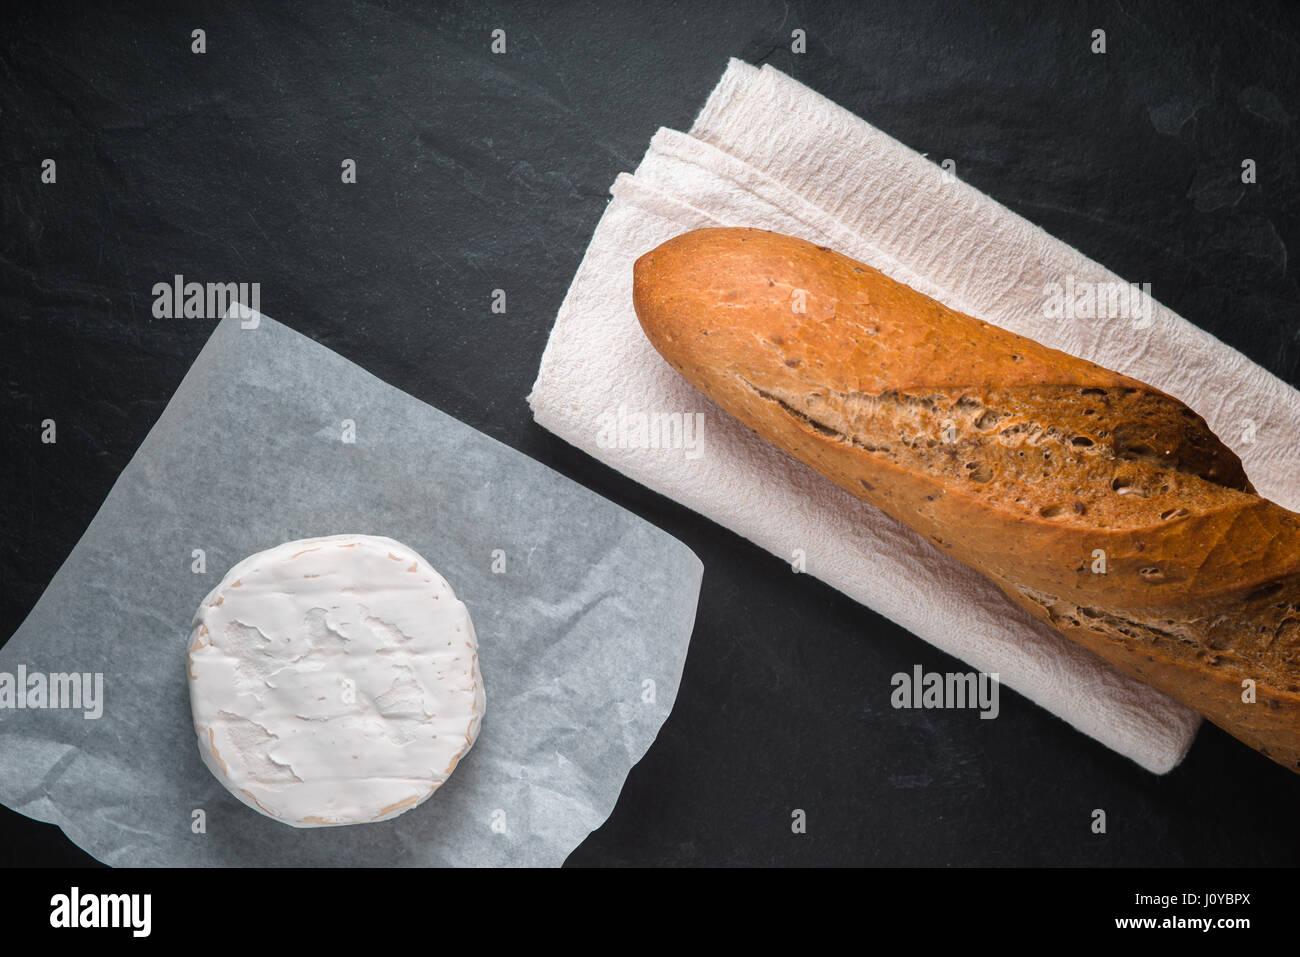 Formaggio Brie e baguette al buio su un tavolo Immagini Stock